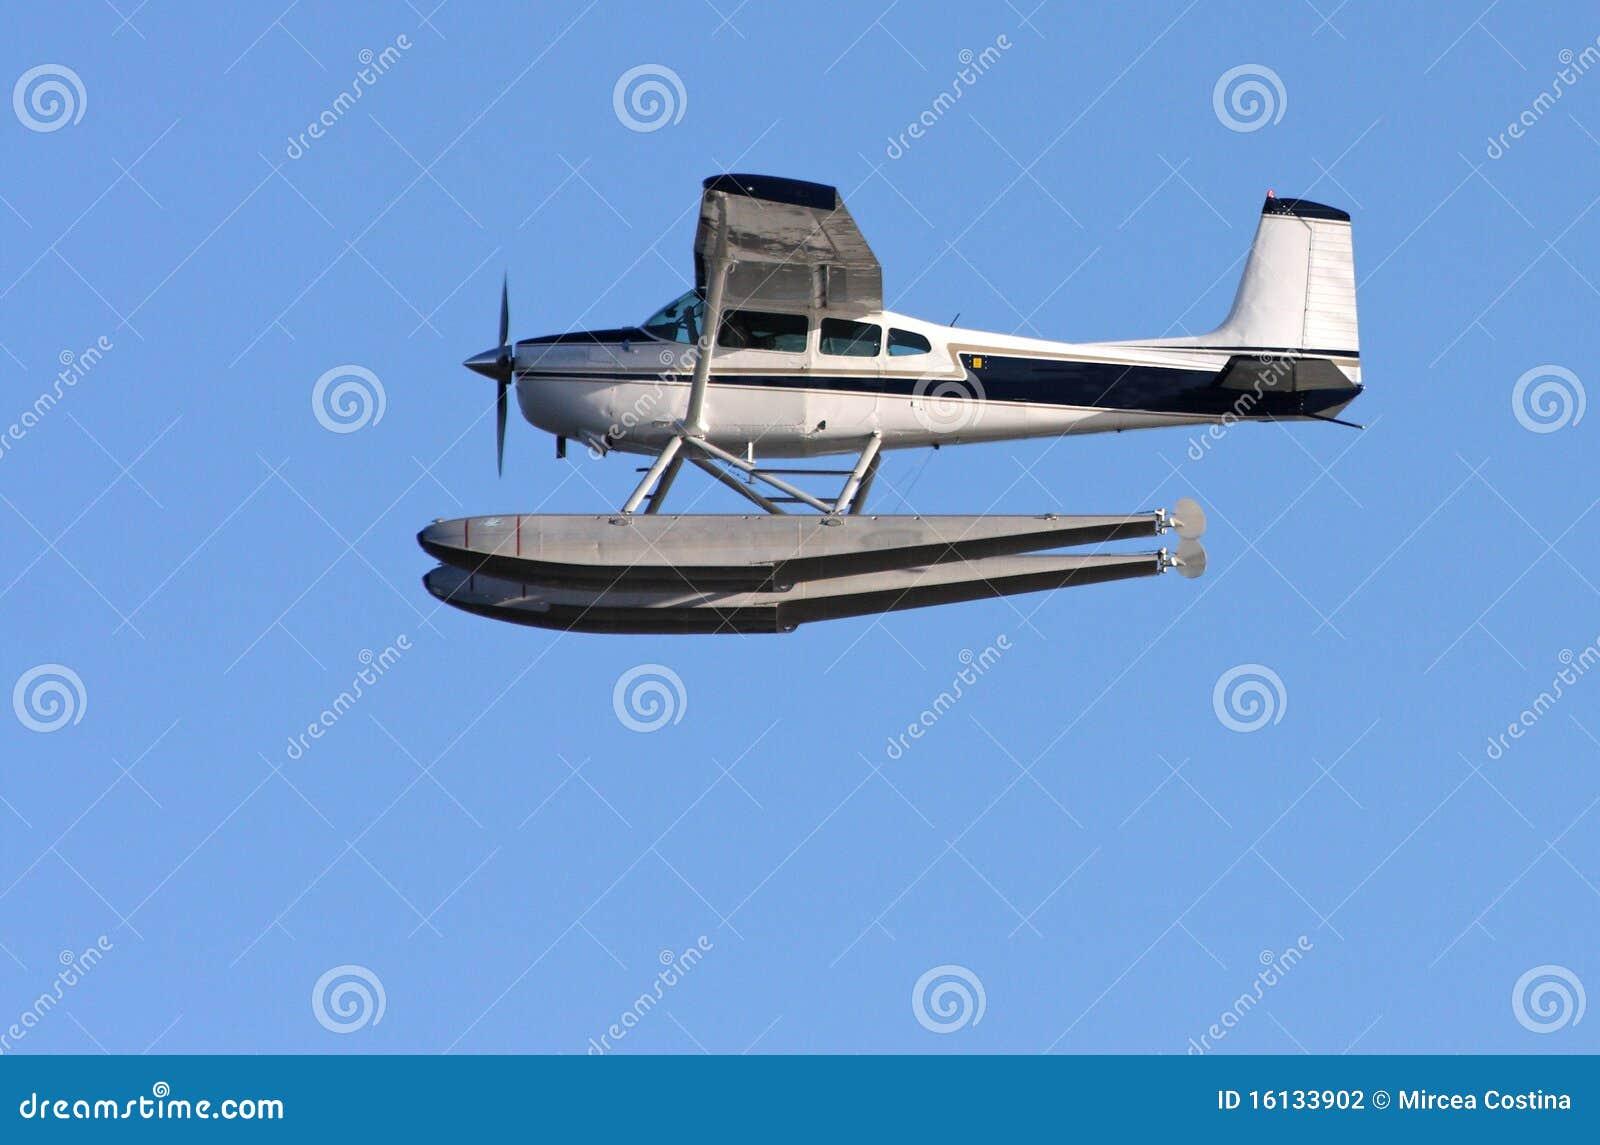 水上飞机 图库摄影 - 图片